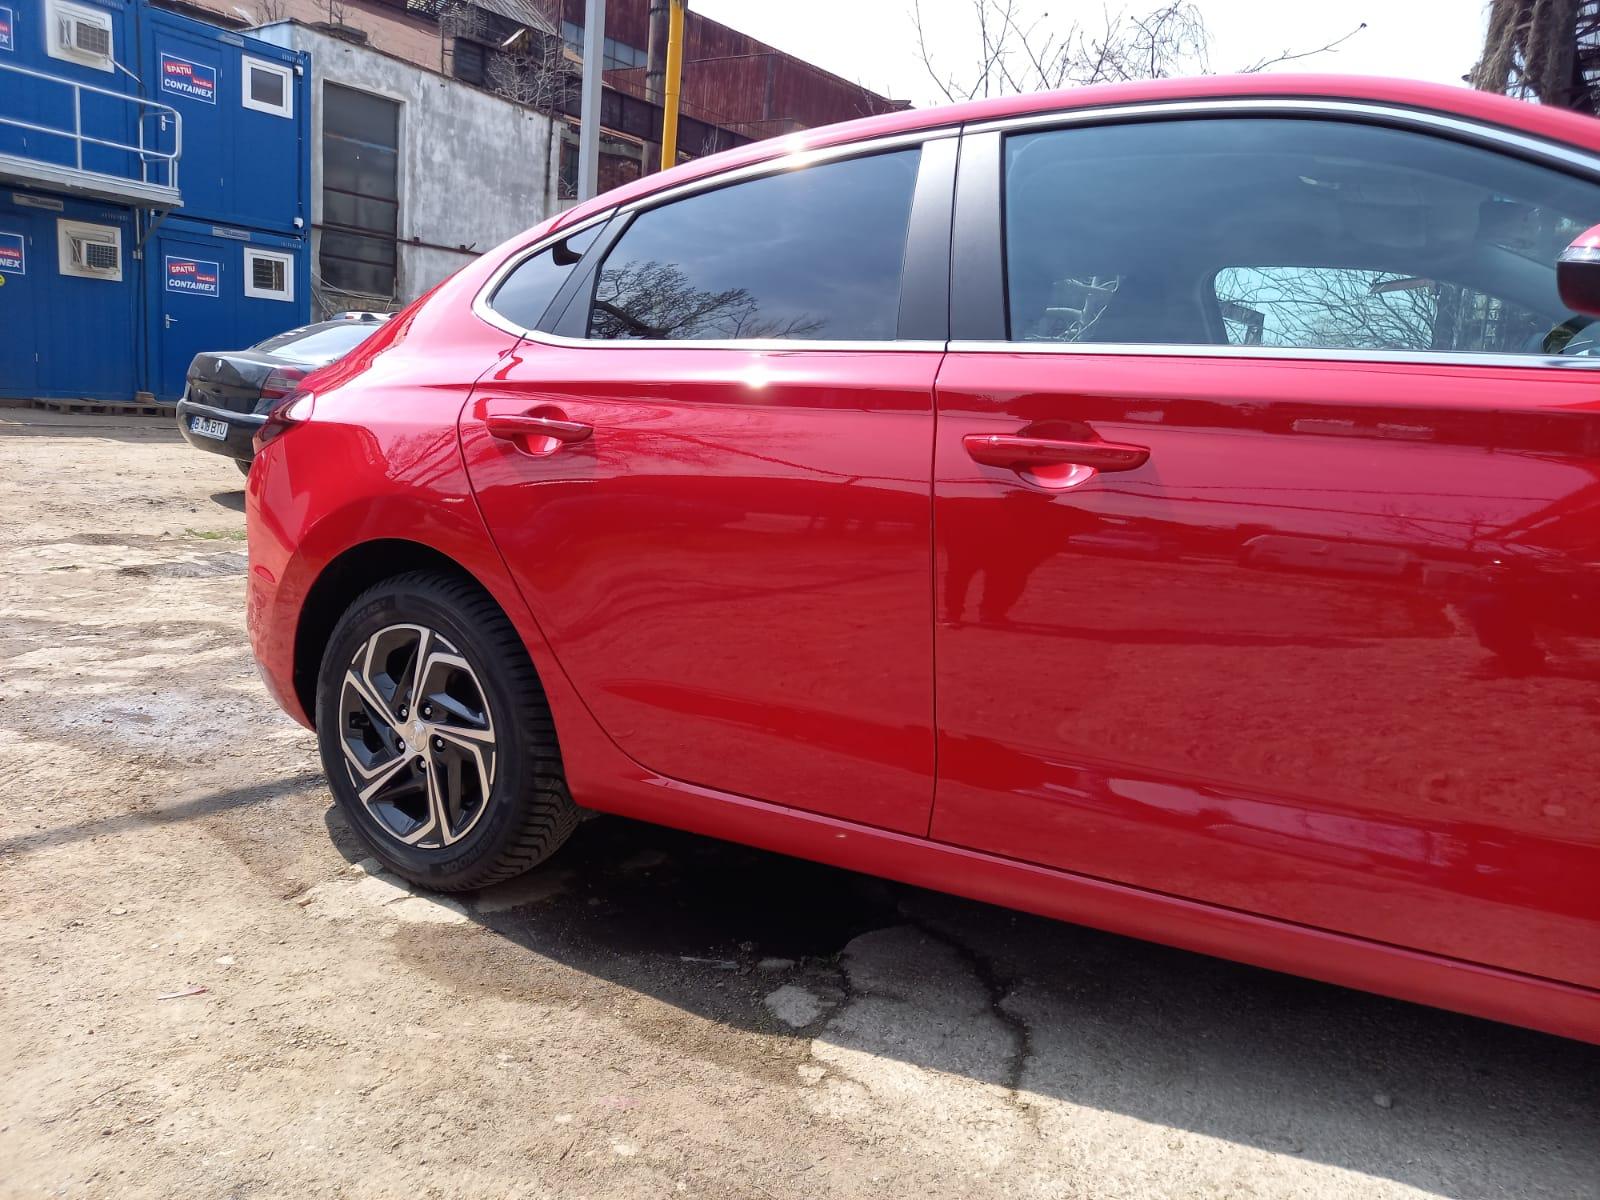 Vopsire autoturism Hyundai